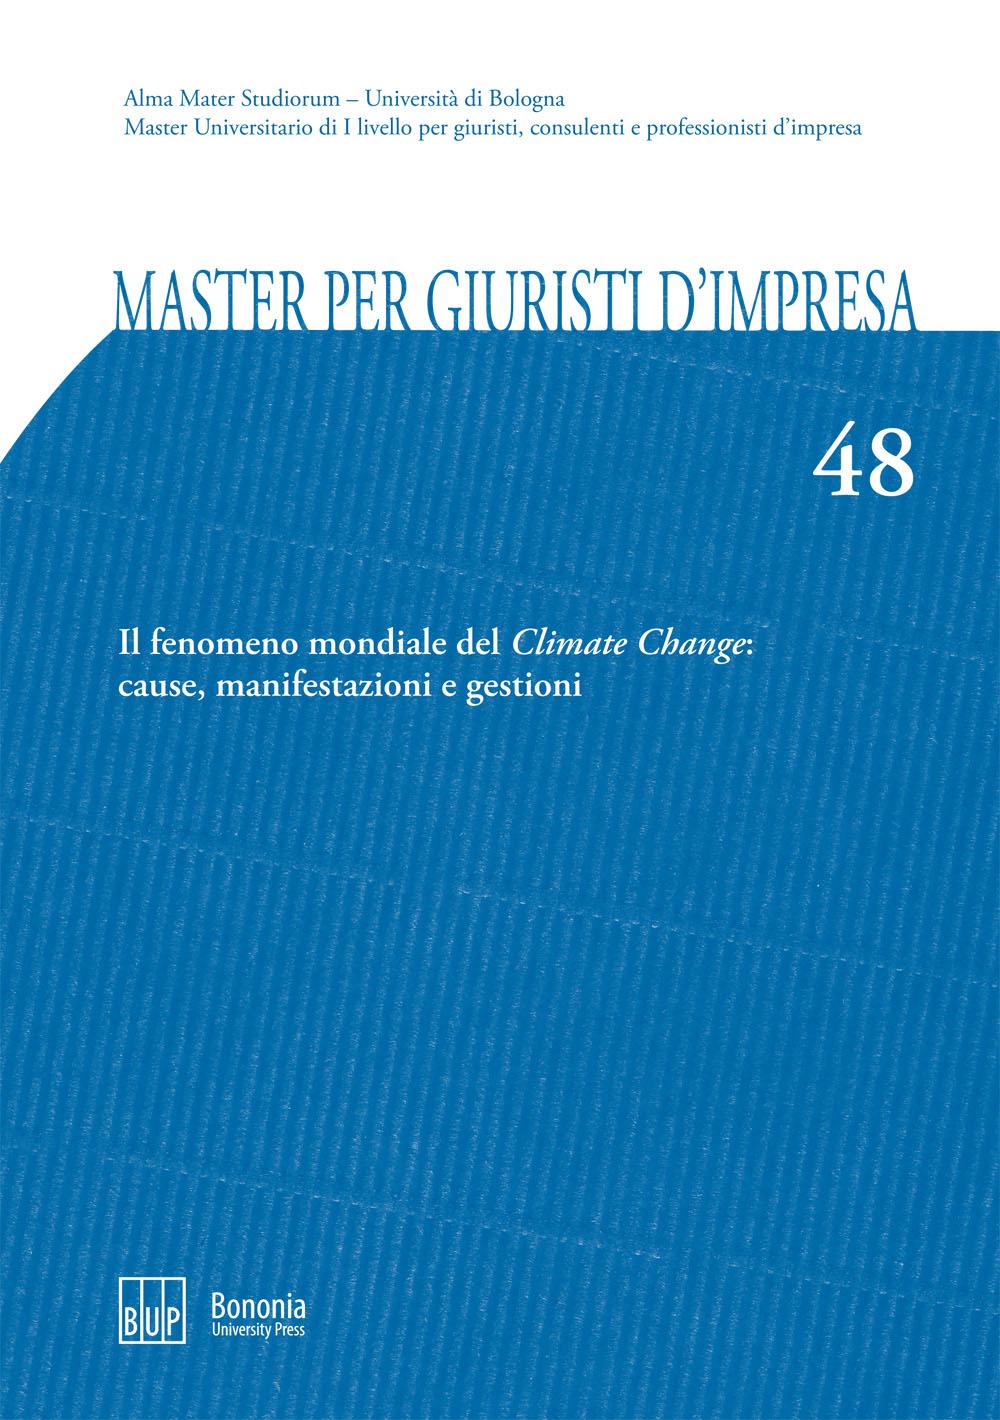 48. Il fenomeno mondiale del Climate Change: cause, manifestazioni e gestioni - Bononia University Press